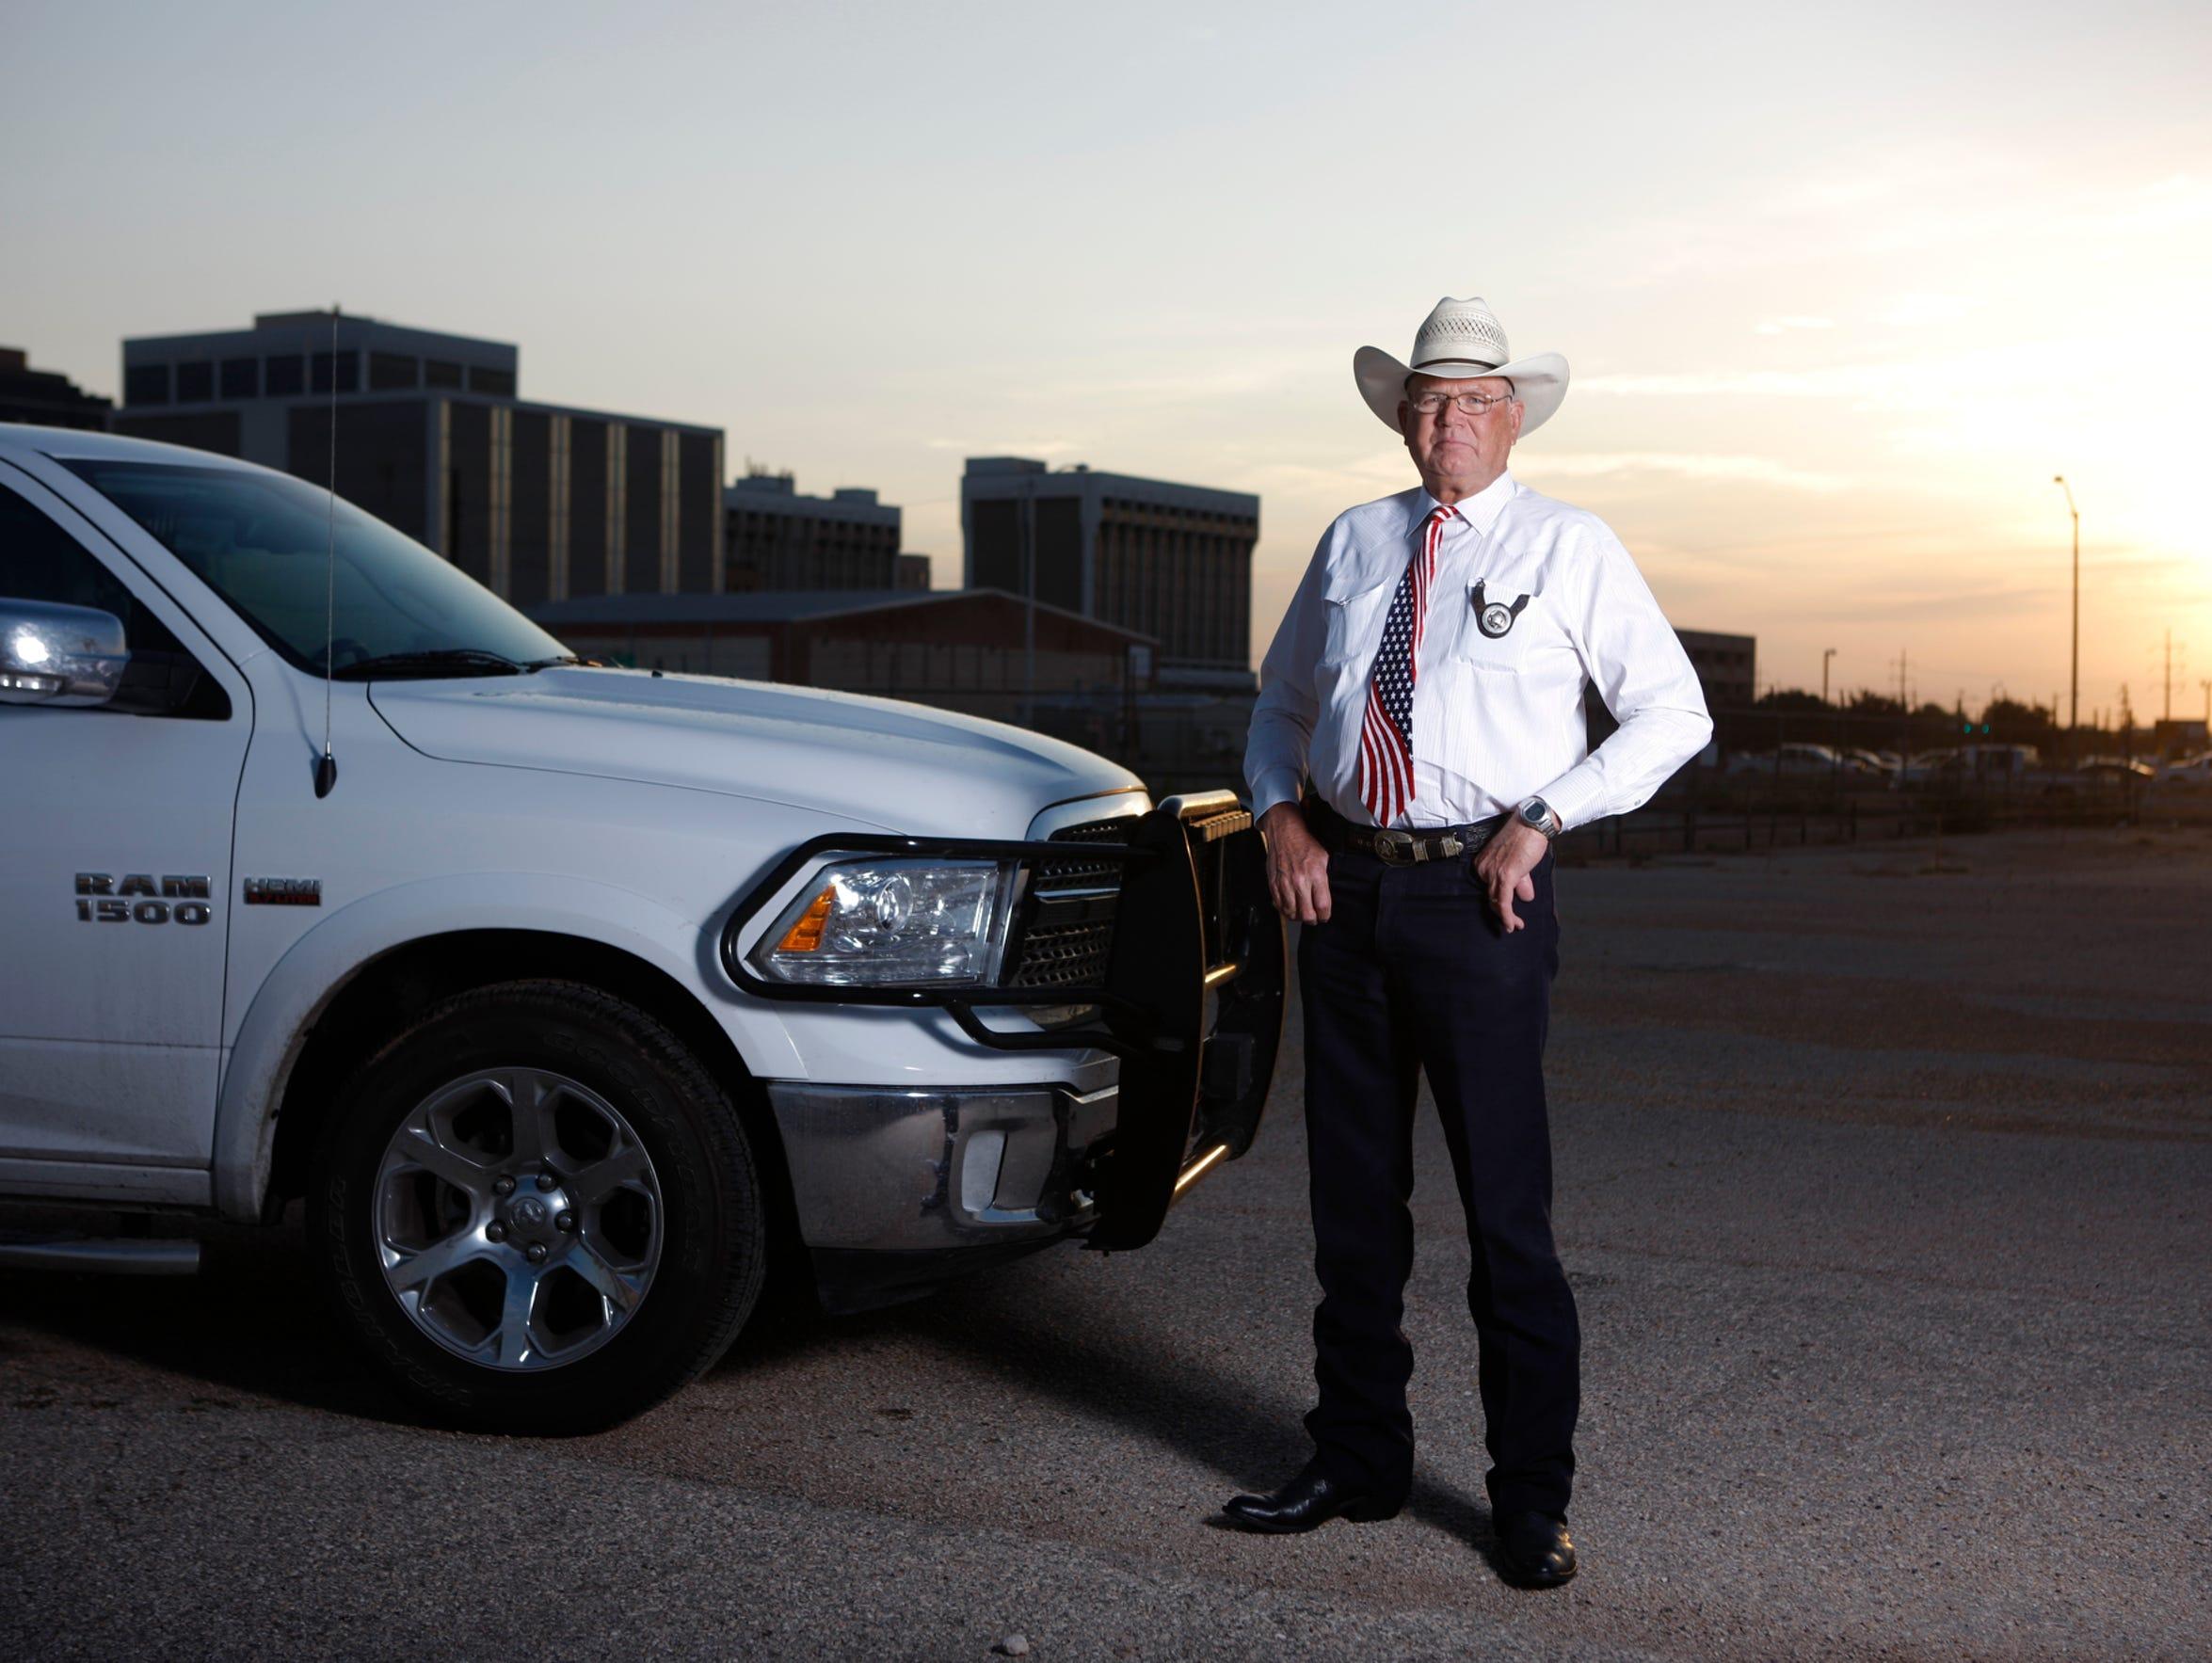 Midland County Sheriff Gary Painter